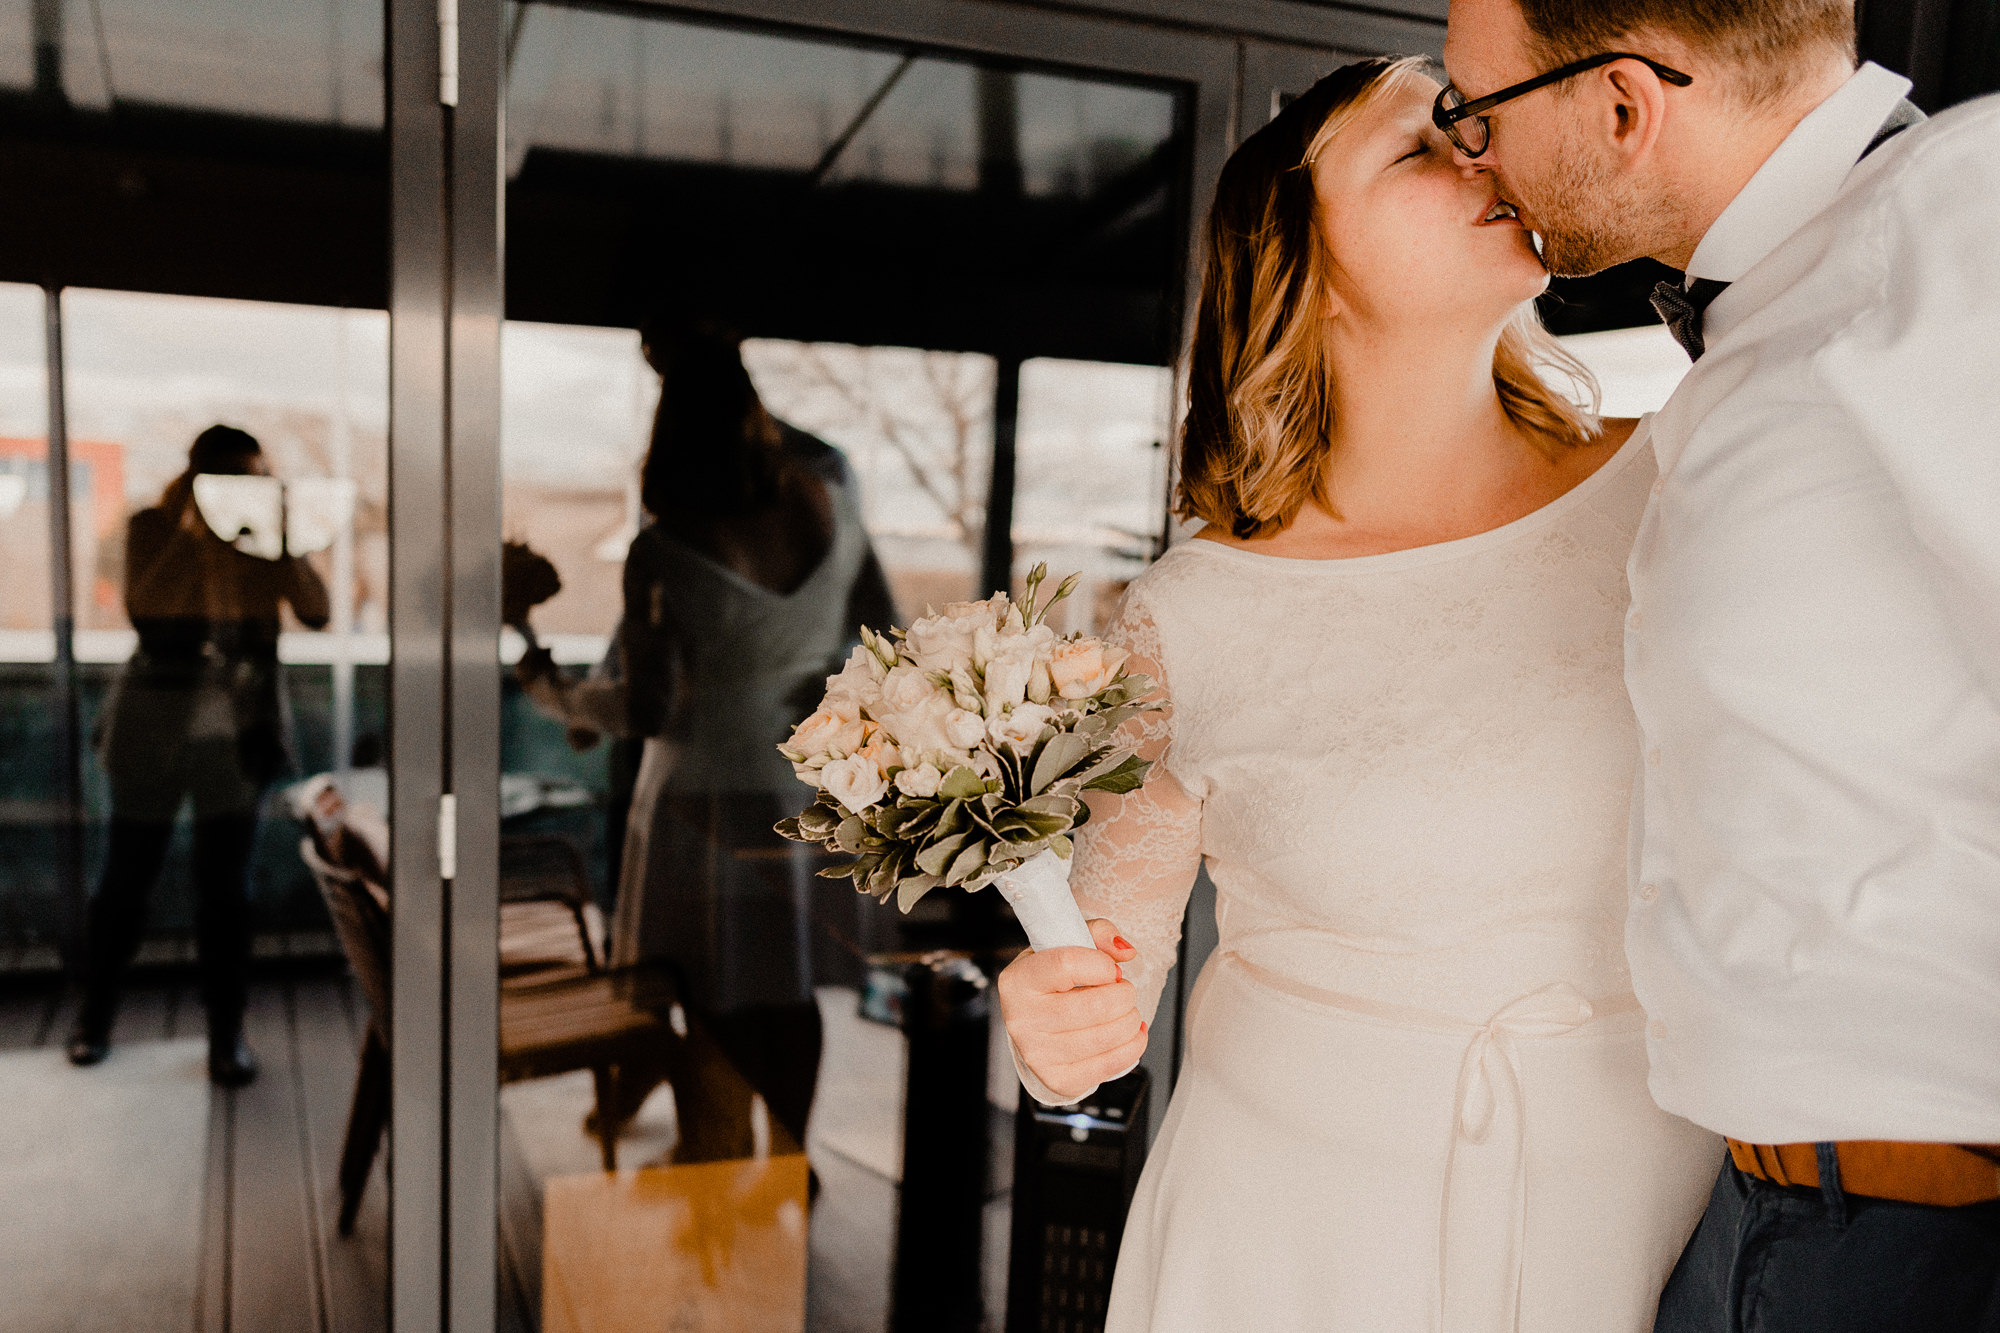 Hochzeitsfotograf Darß - Hochzeit Kuenstlerquartier Seezeichen Ahrenshoop - Fotograf Ahrenshoop - Bautpaarfotografie - Hochzeit zu zweit - Winterhochzeit Ostsee - Hochzeitsfotograf Ostsee